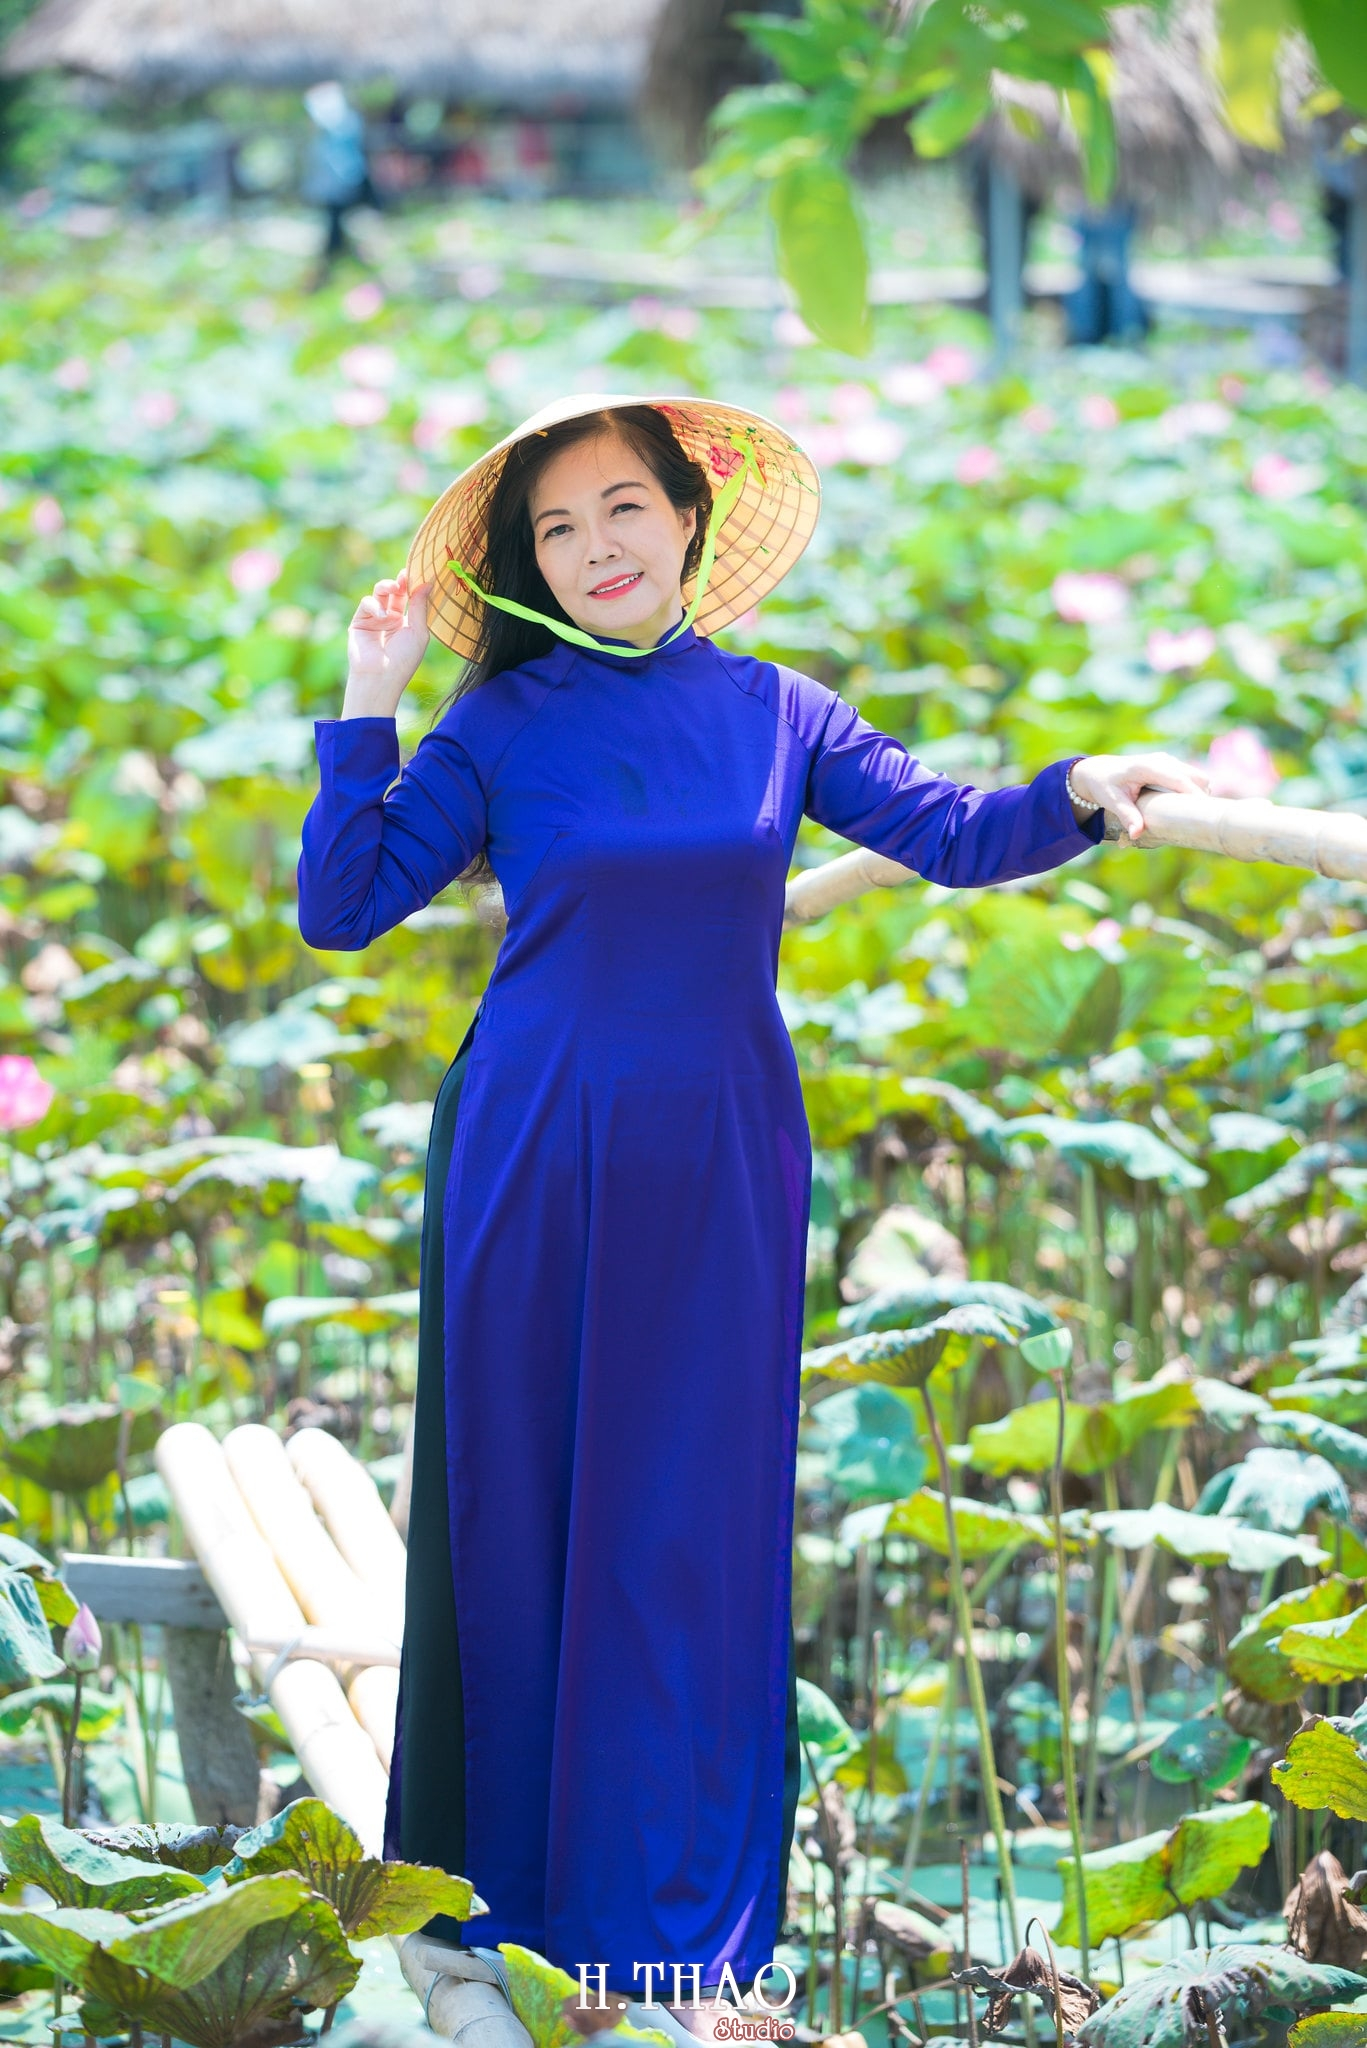 nh áo dài hoa sen 9 - Góc ảnh áo dài tuổi 50 cô Phương chụp với hoa sen- HThao Studio